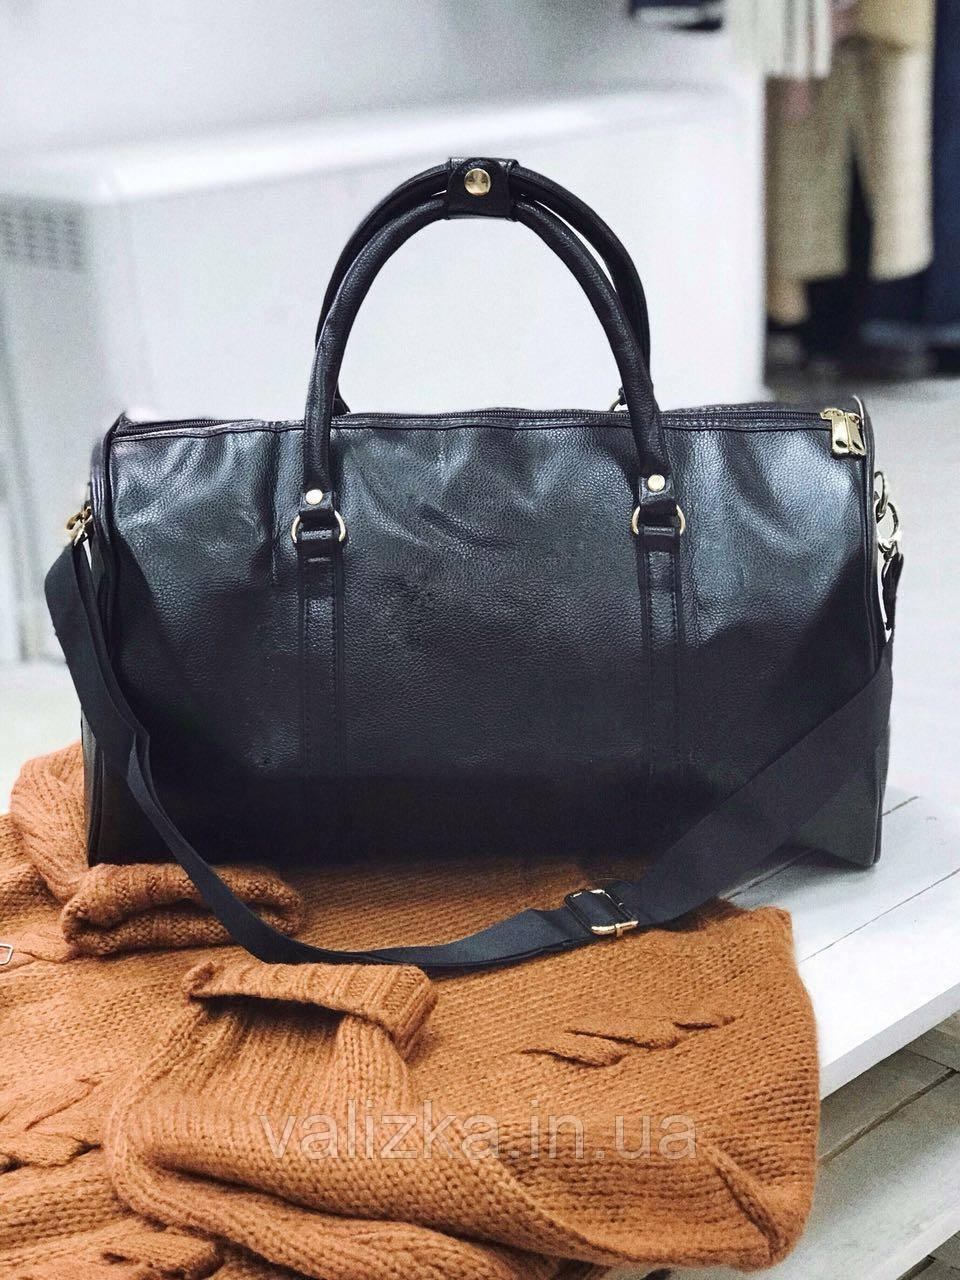 Дорожная сумка из эко кожи ручная кладь черная